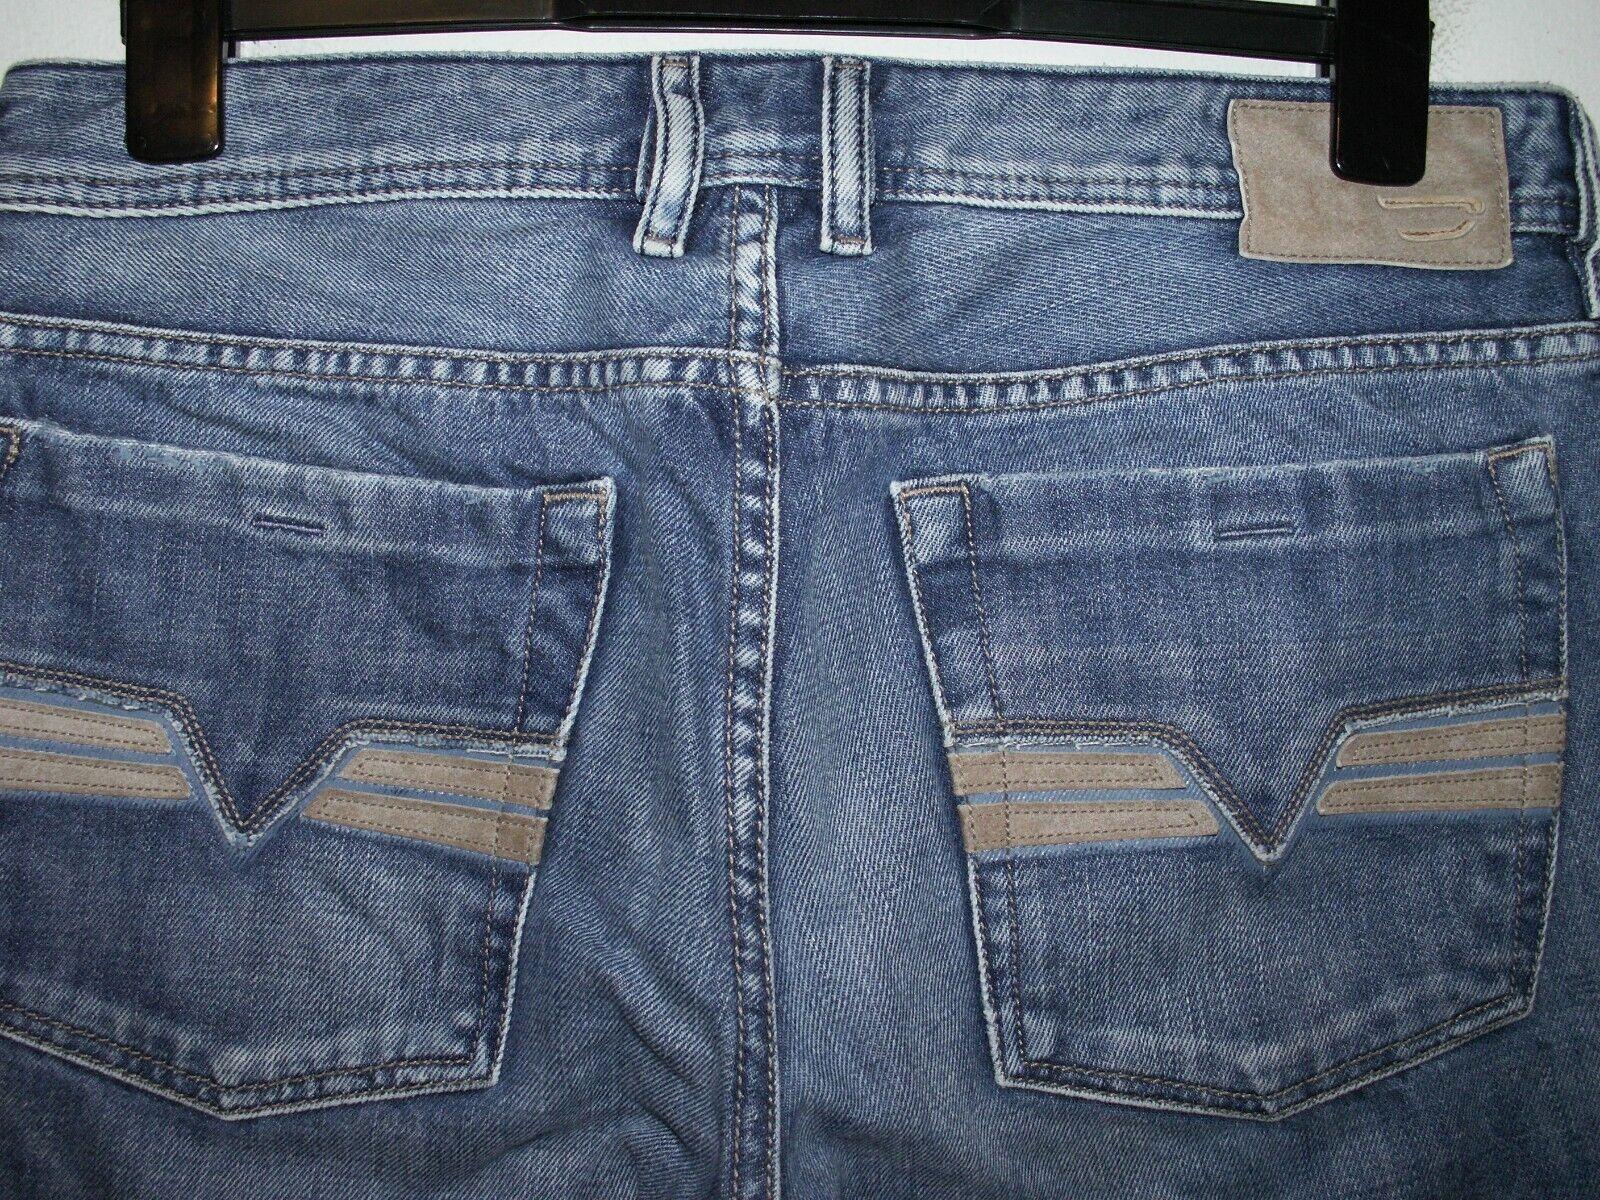 98ef0eb2 DIESEL ZATINY BOOTCUT JEANS 008AT L34 (6057) W32 nbtgii3852-Jeans ...